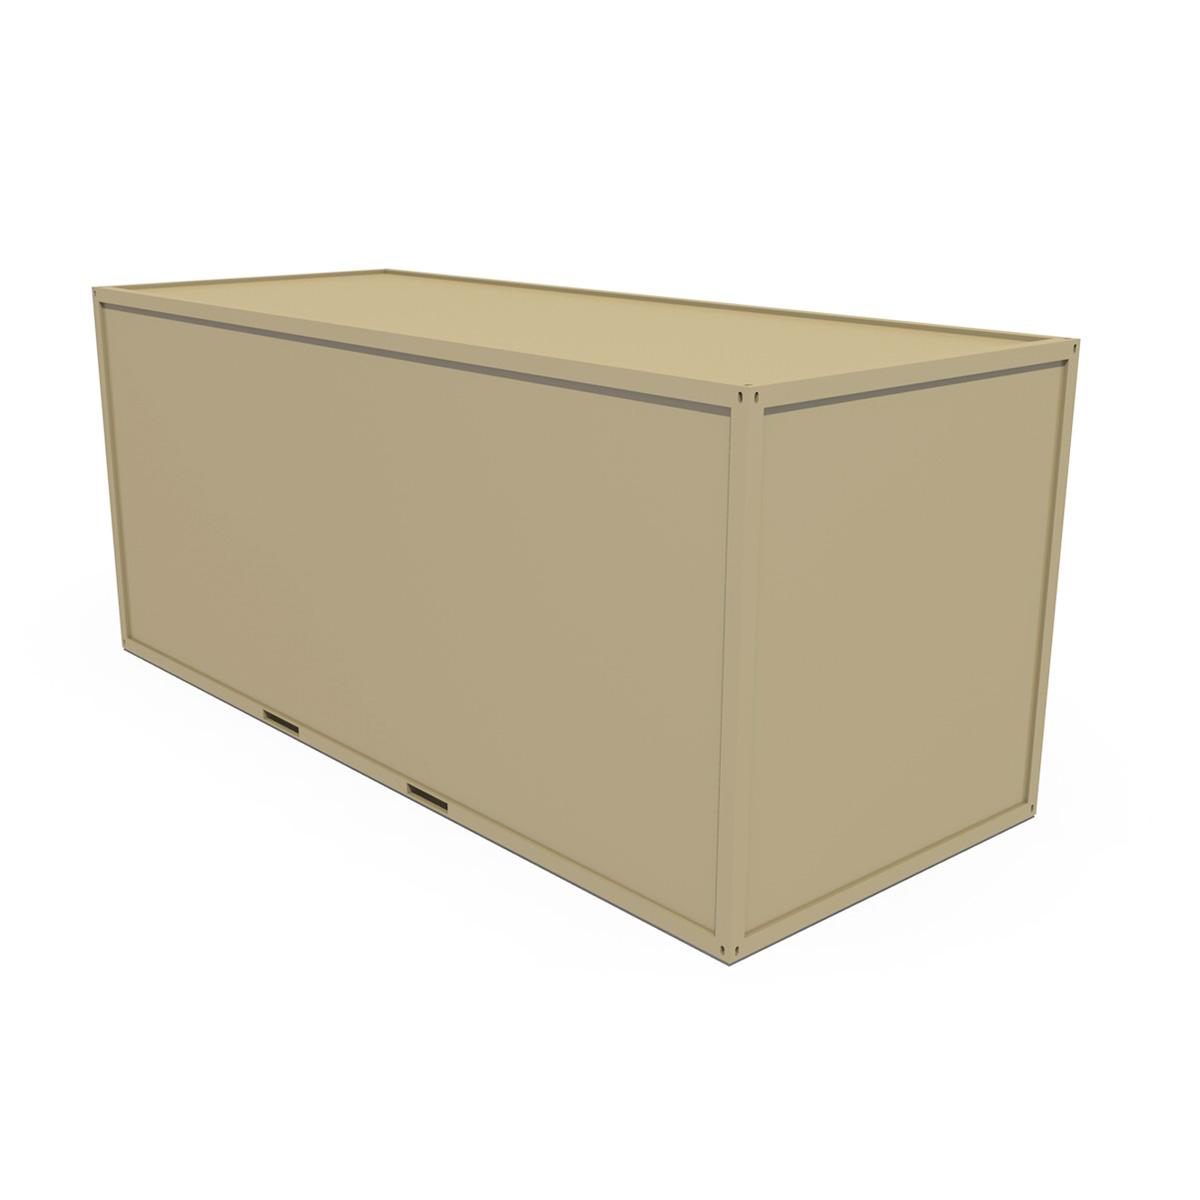 20ft biroja konteinera versija 3d modelis 3ds fbx c4d lwo obj 252268